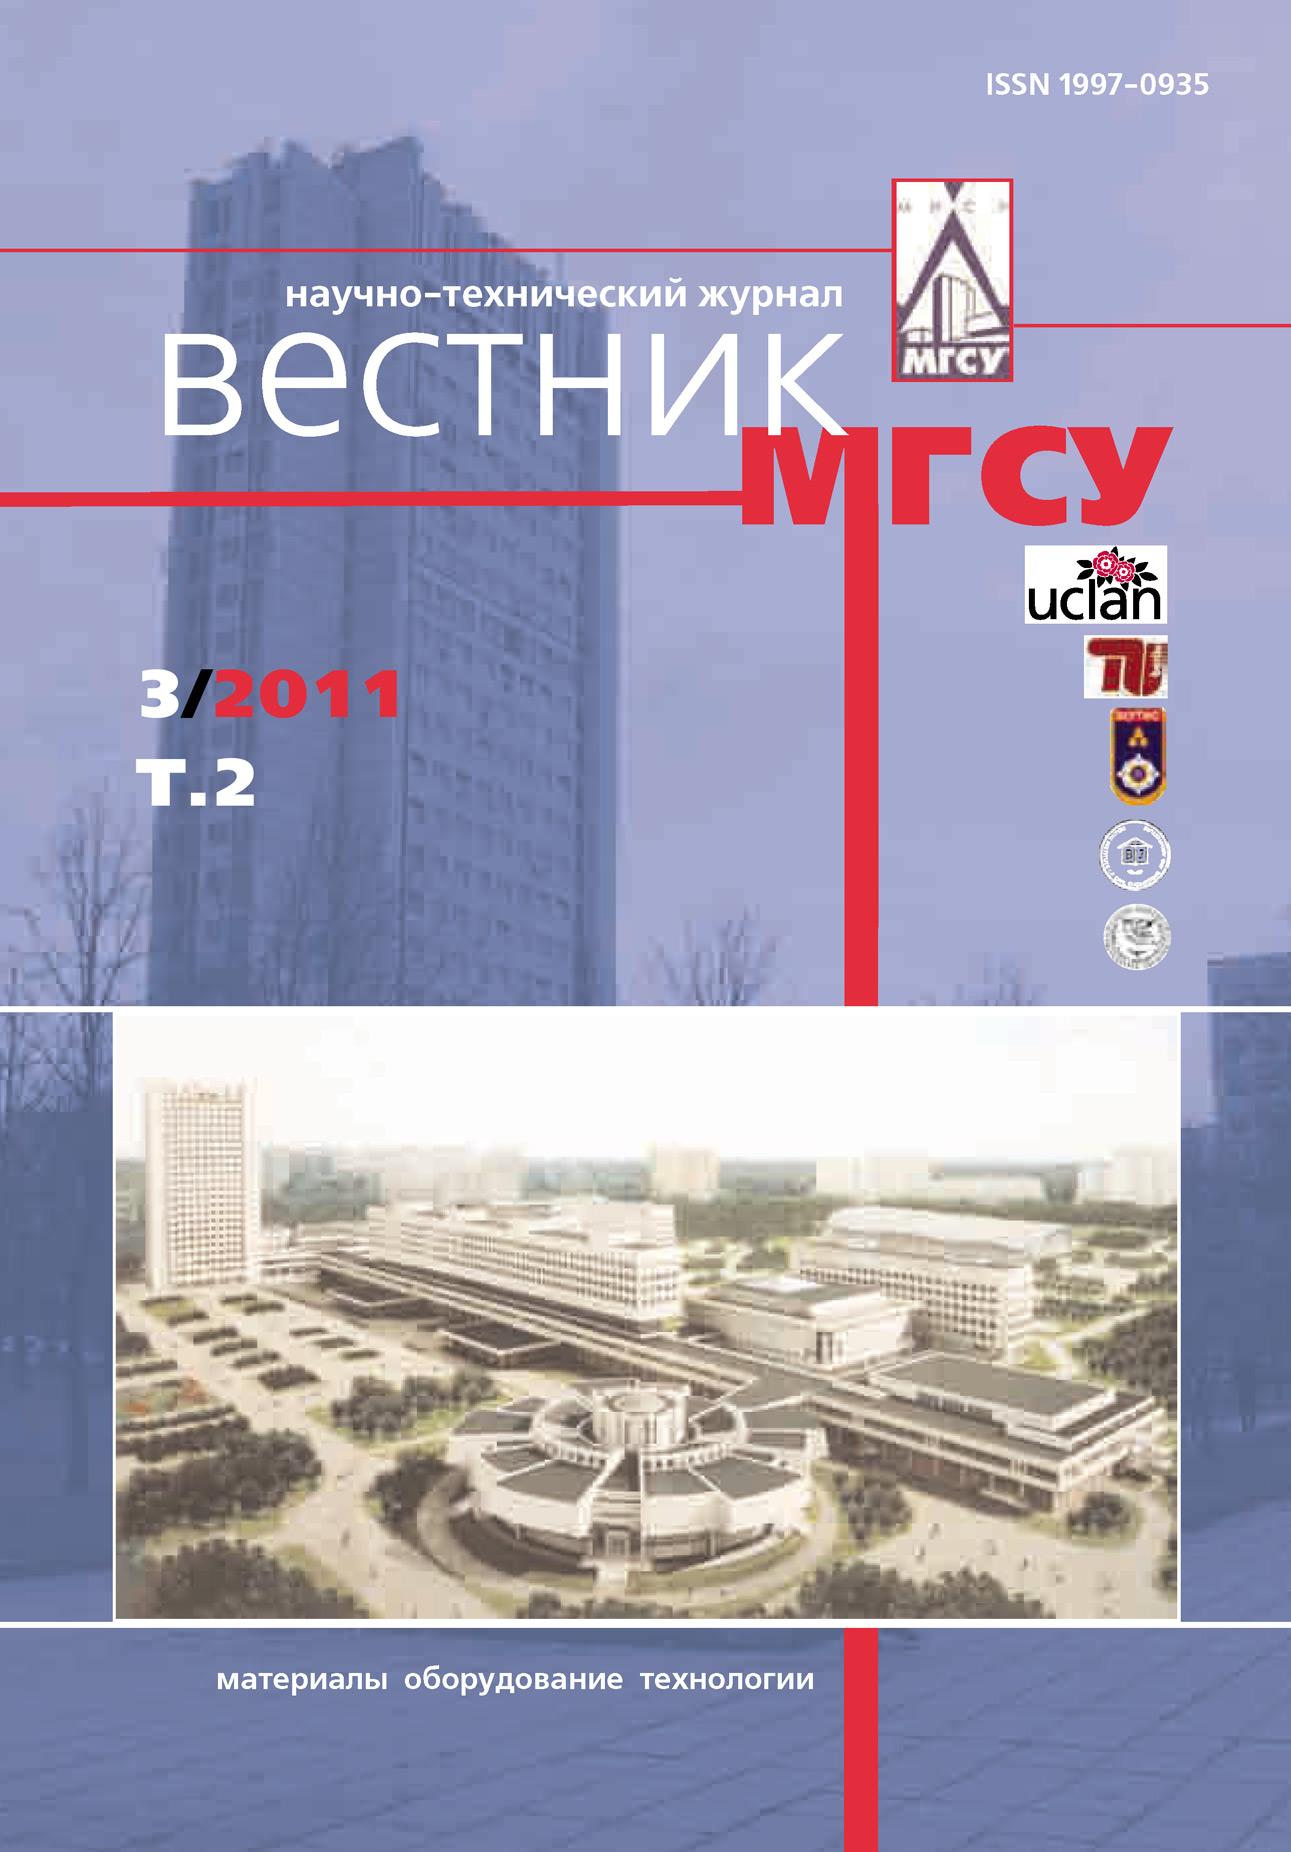 Вестник МГСУ №3 2011. Том 2